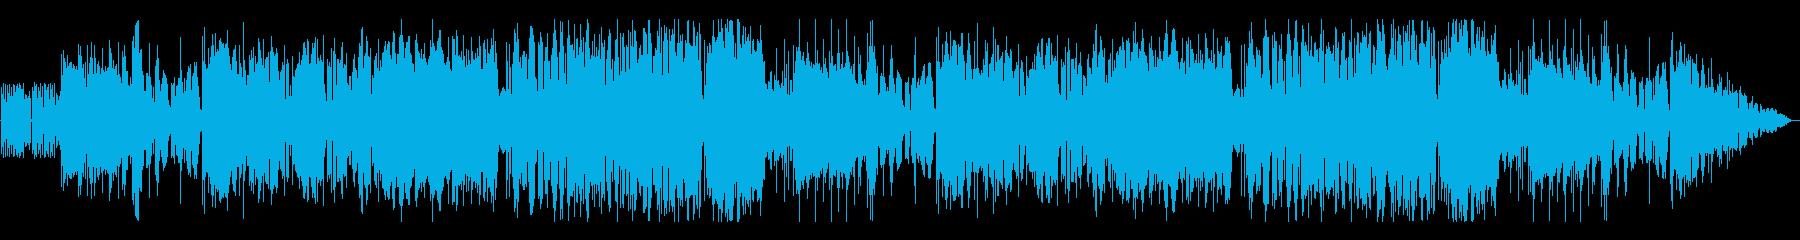 オーケストラロックな戦闘BGMの再生済みの波形